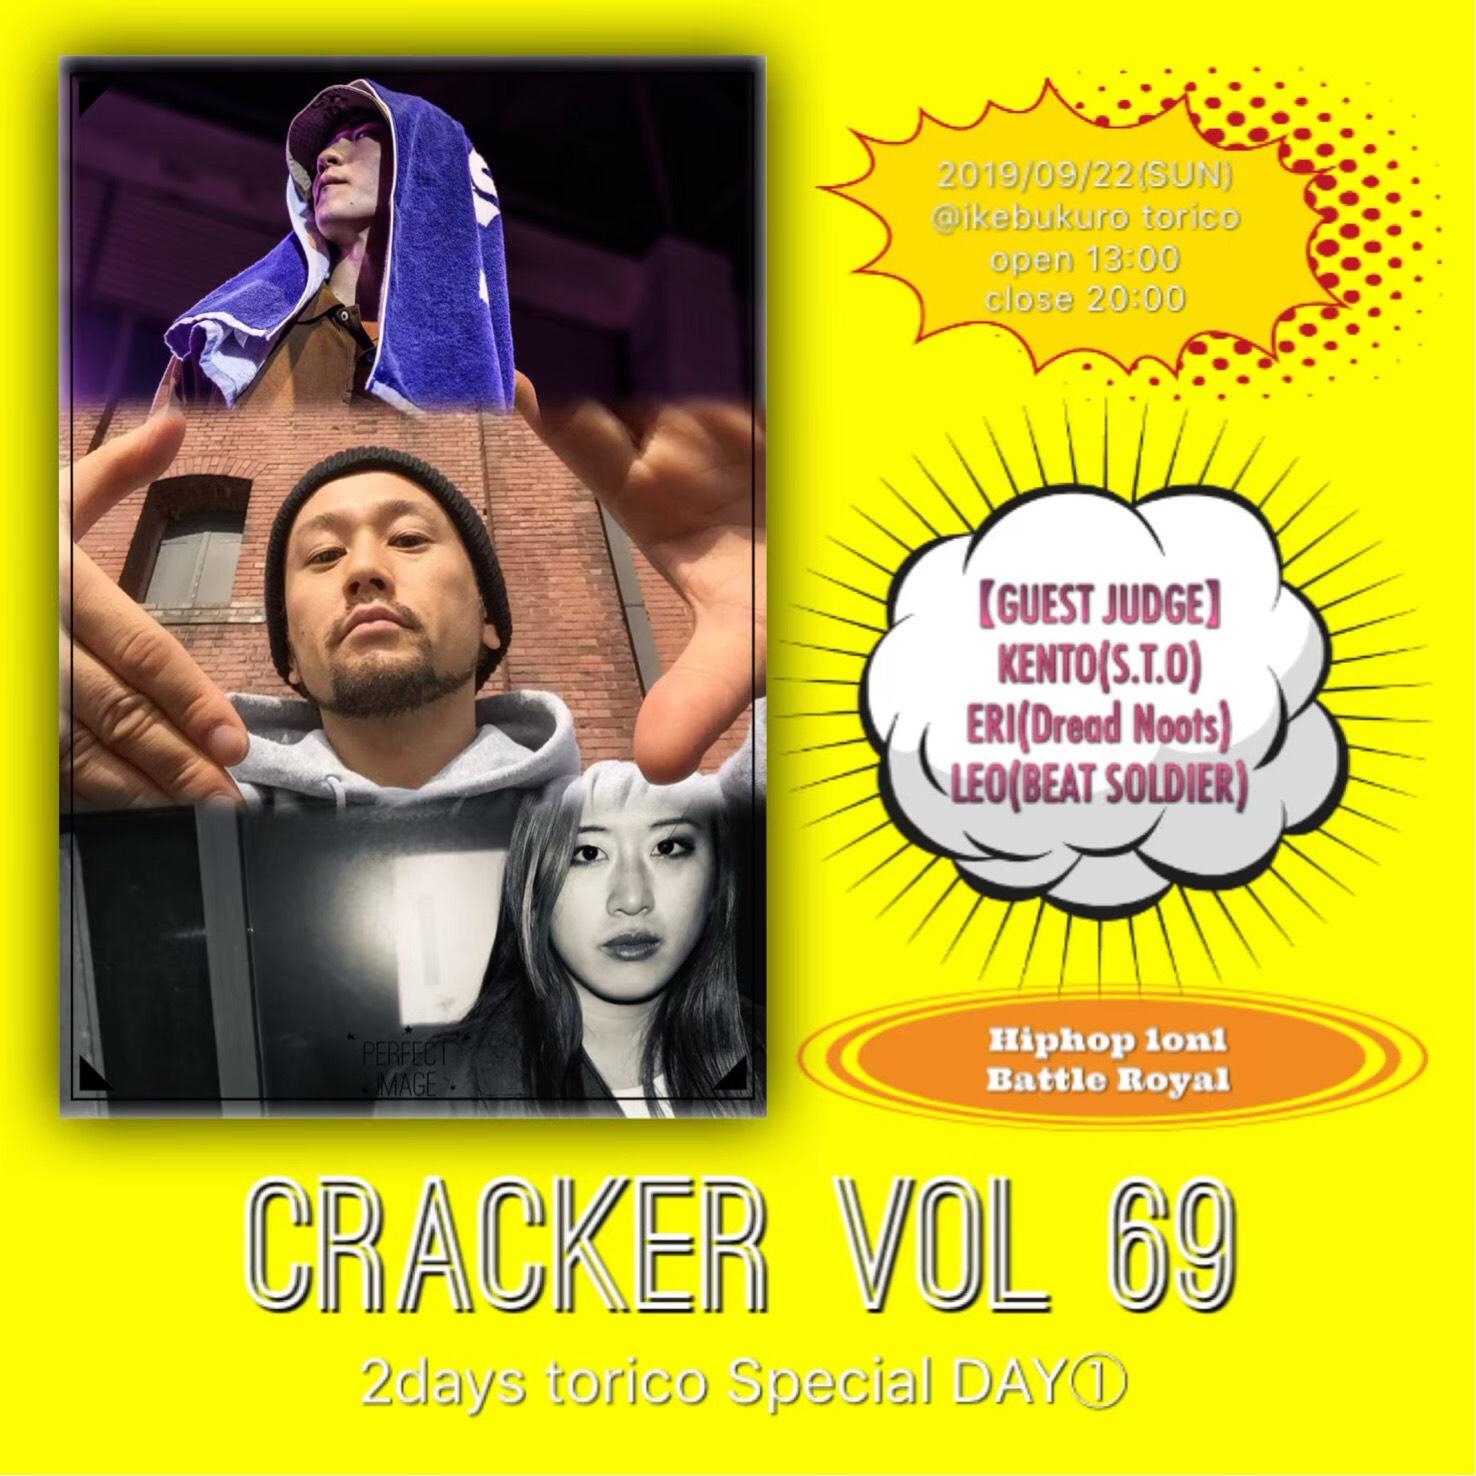 Cracker vol 69